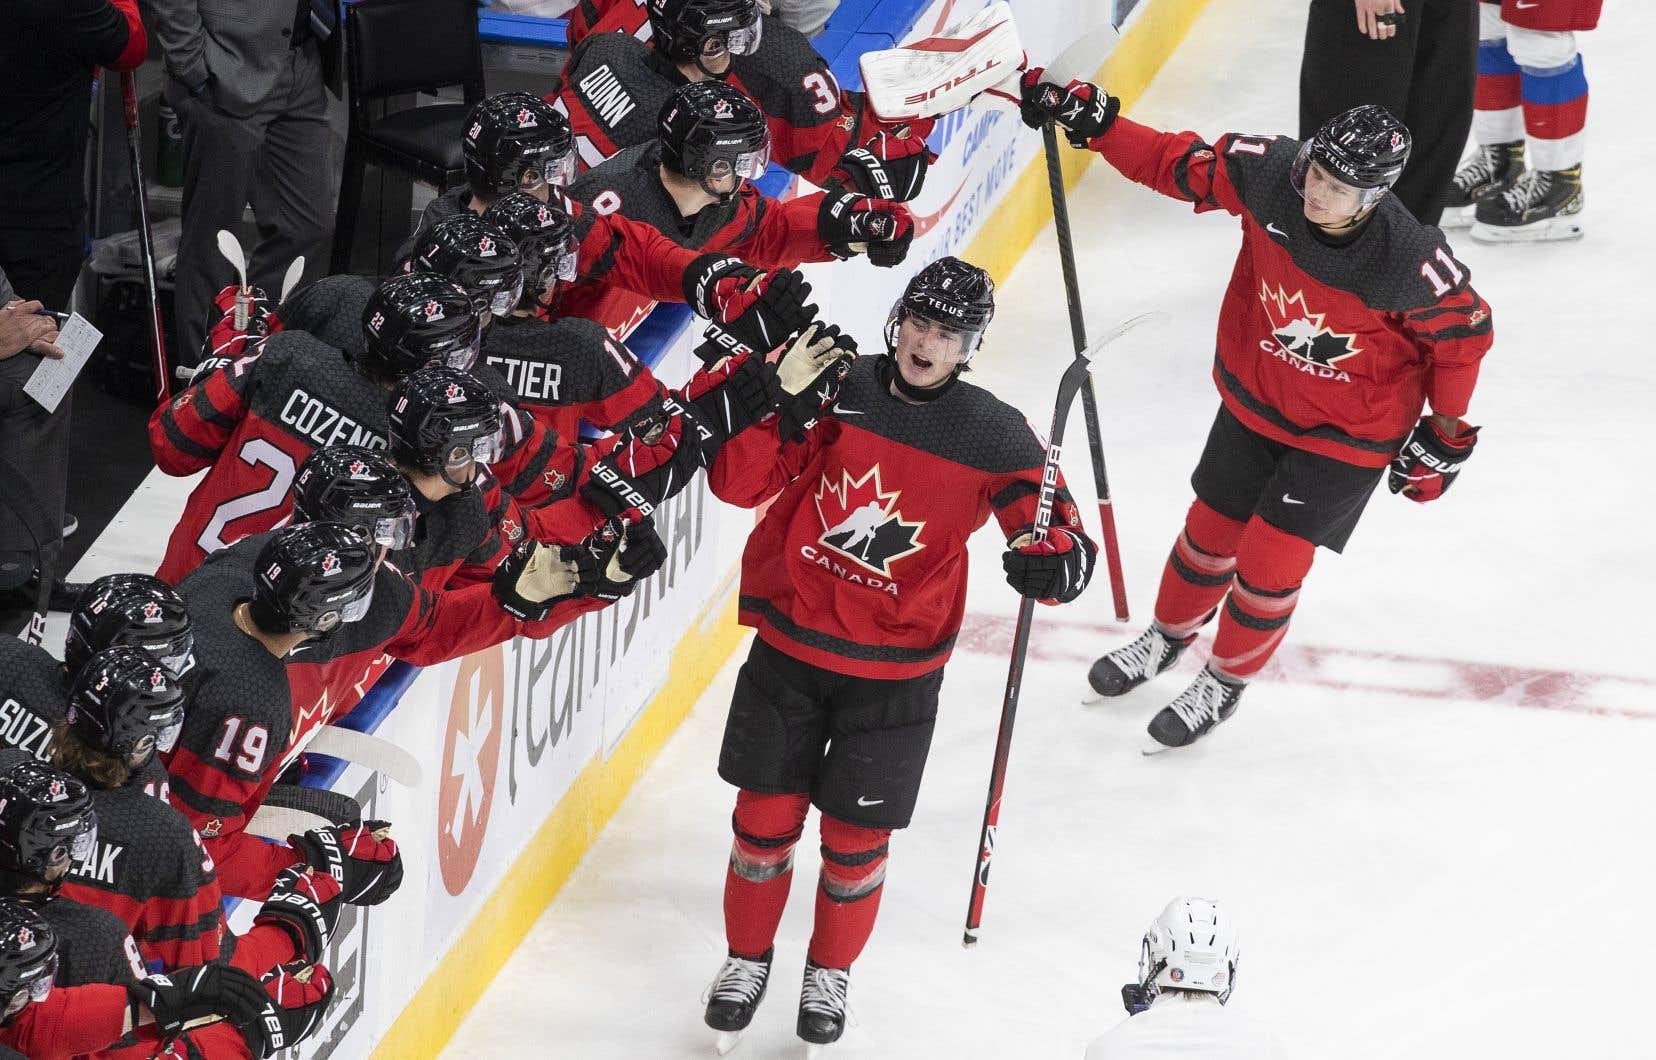 Le Canada, champion en titre du tournoi, entamera son parcours samedi contre l'Allemagne.